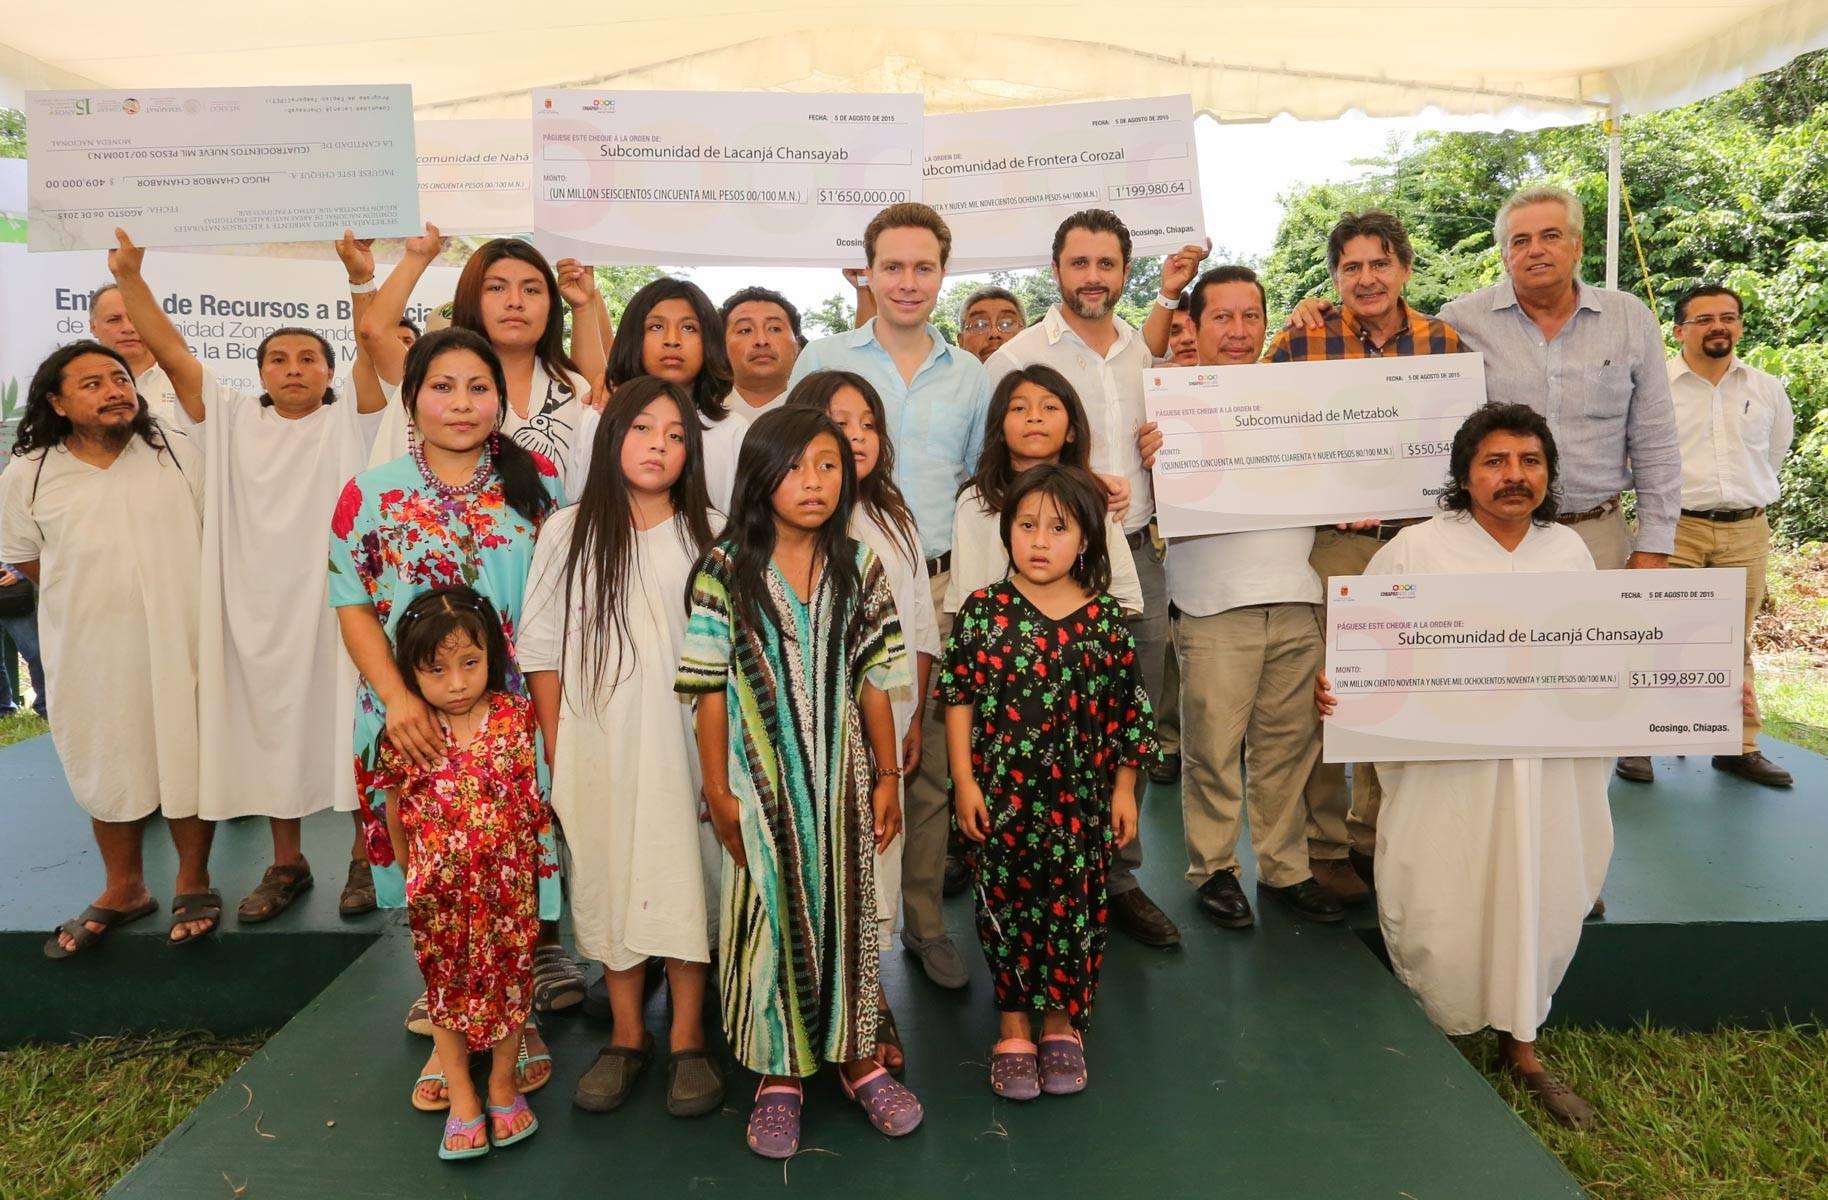 El titular de la CONANP sostuvo que Chiapas es un estado li der en biodiversidad  ma s de un millo n 500 mil hecta reas son A reas Naturales Protegidas. Foto Icoso.jpg